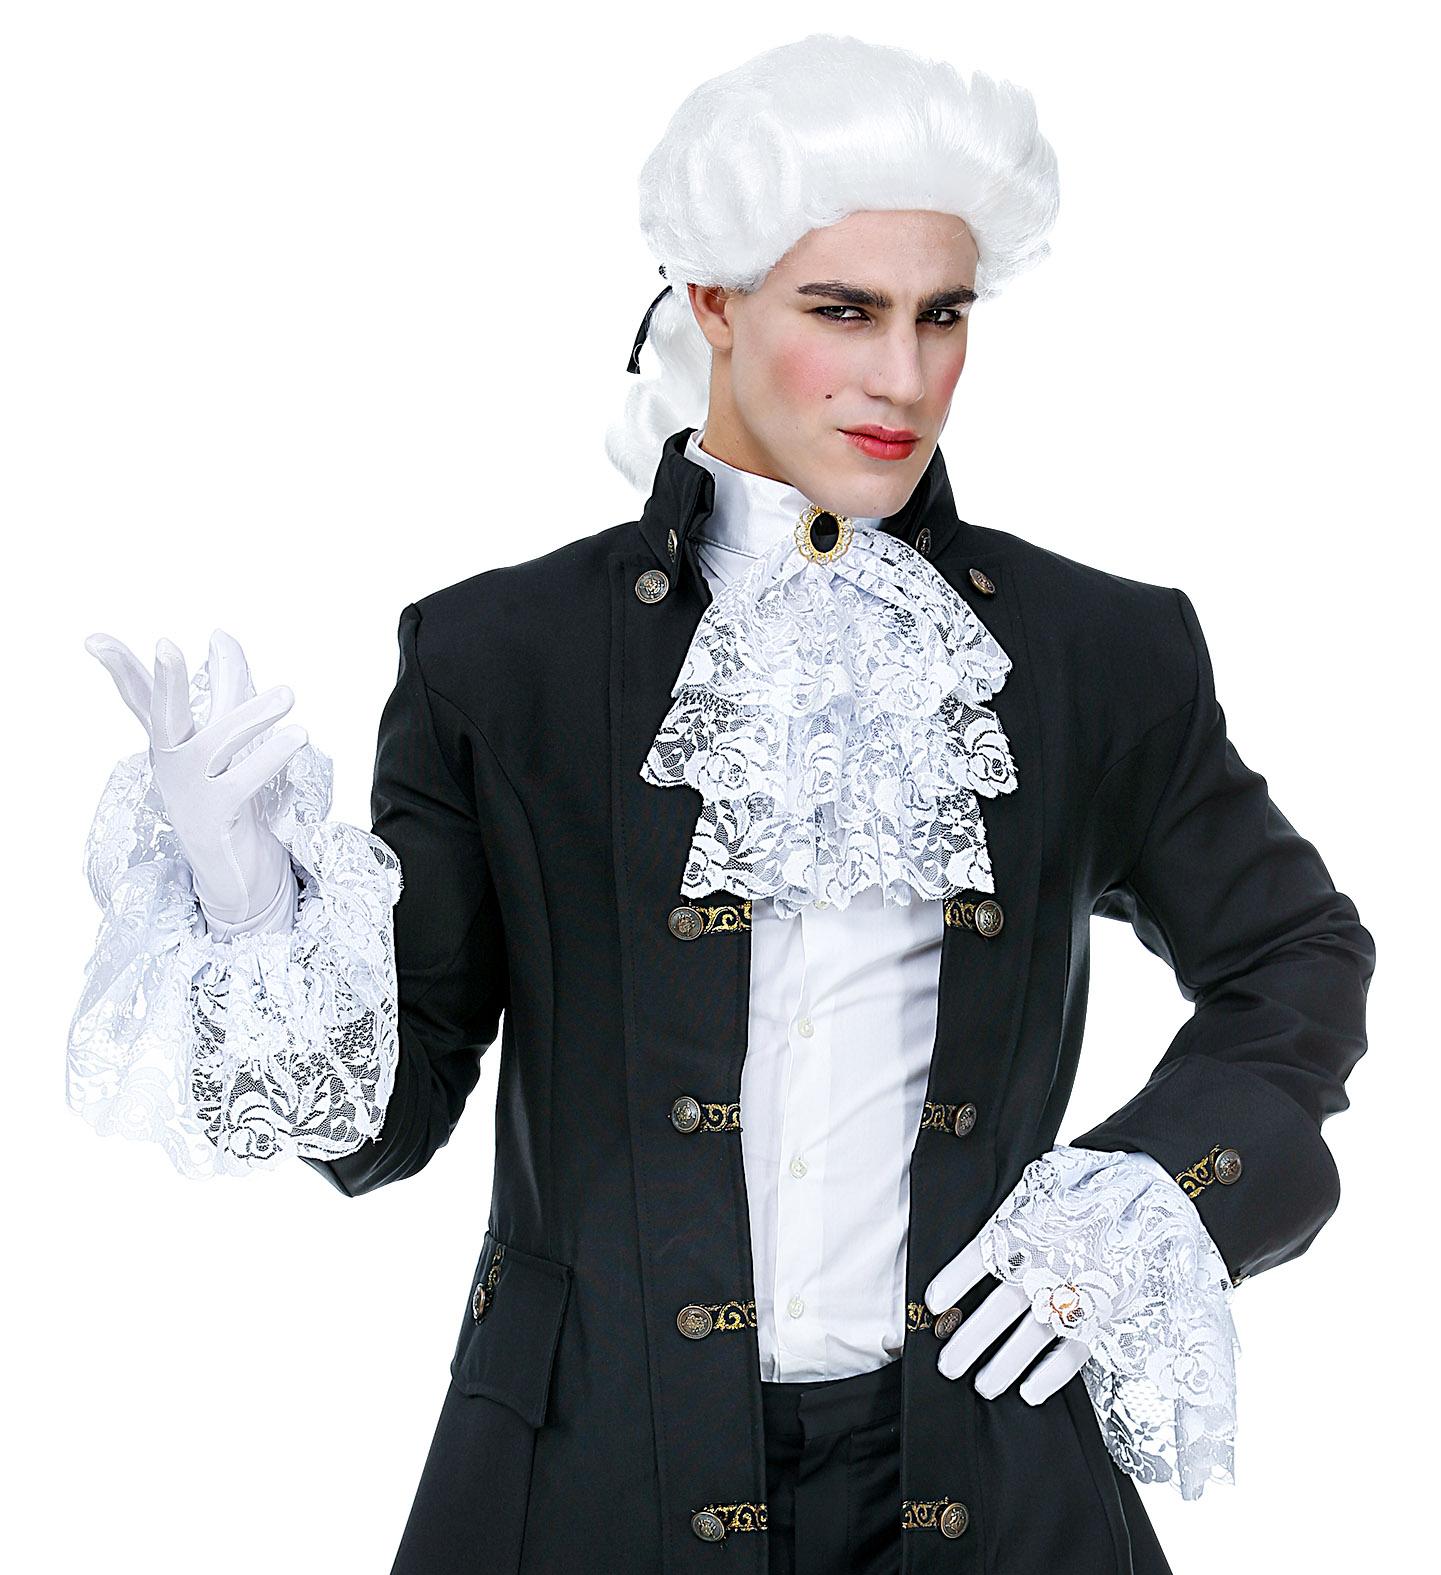 LACE JABOT w// GEM /& CUFFS Fancy Dress Kit Set Fancy Dress